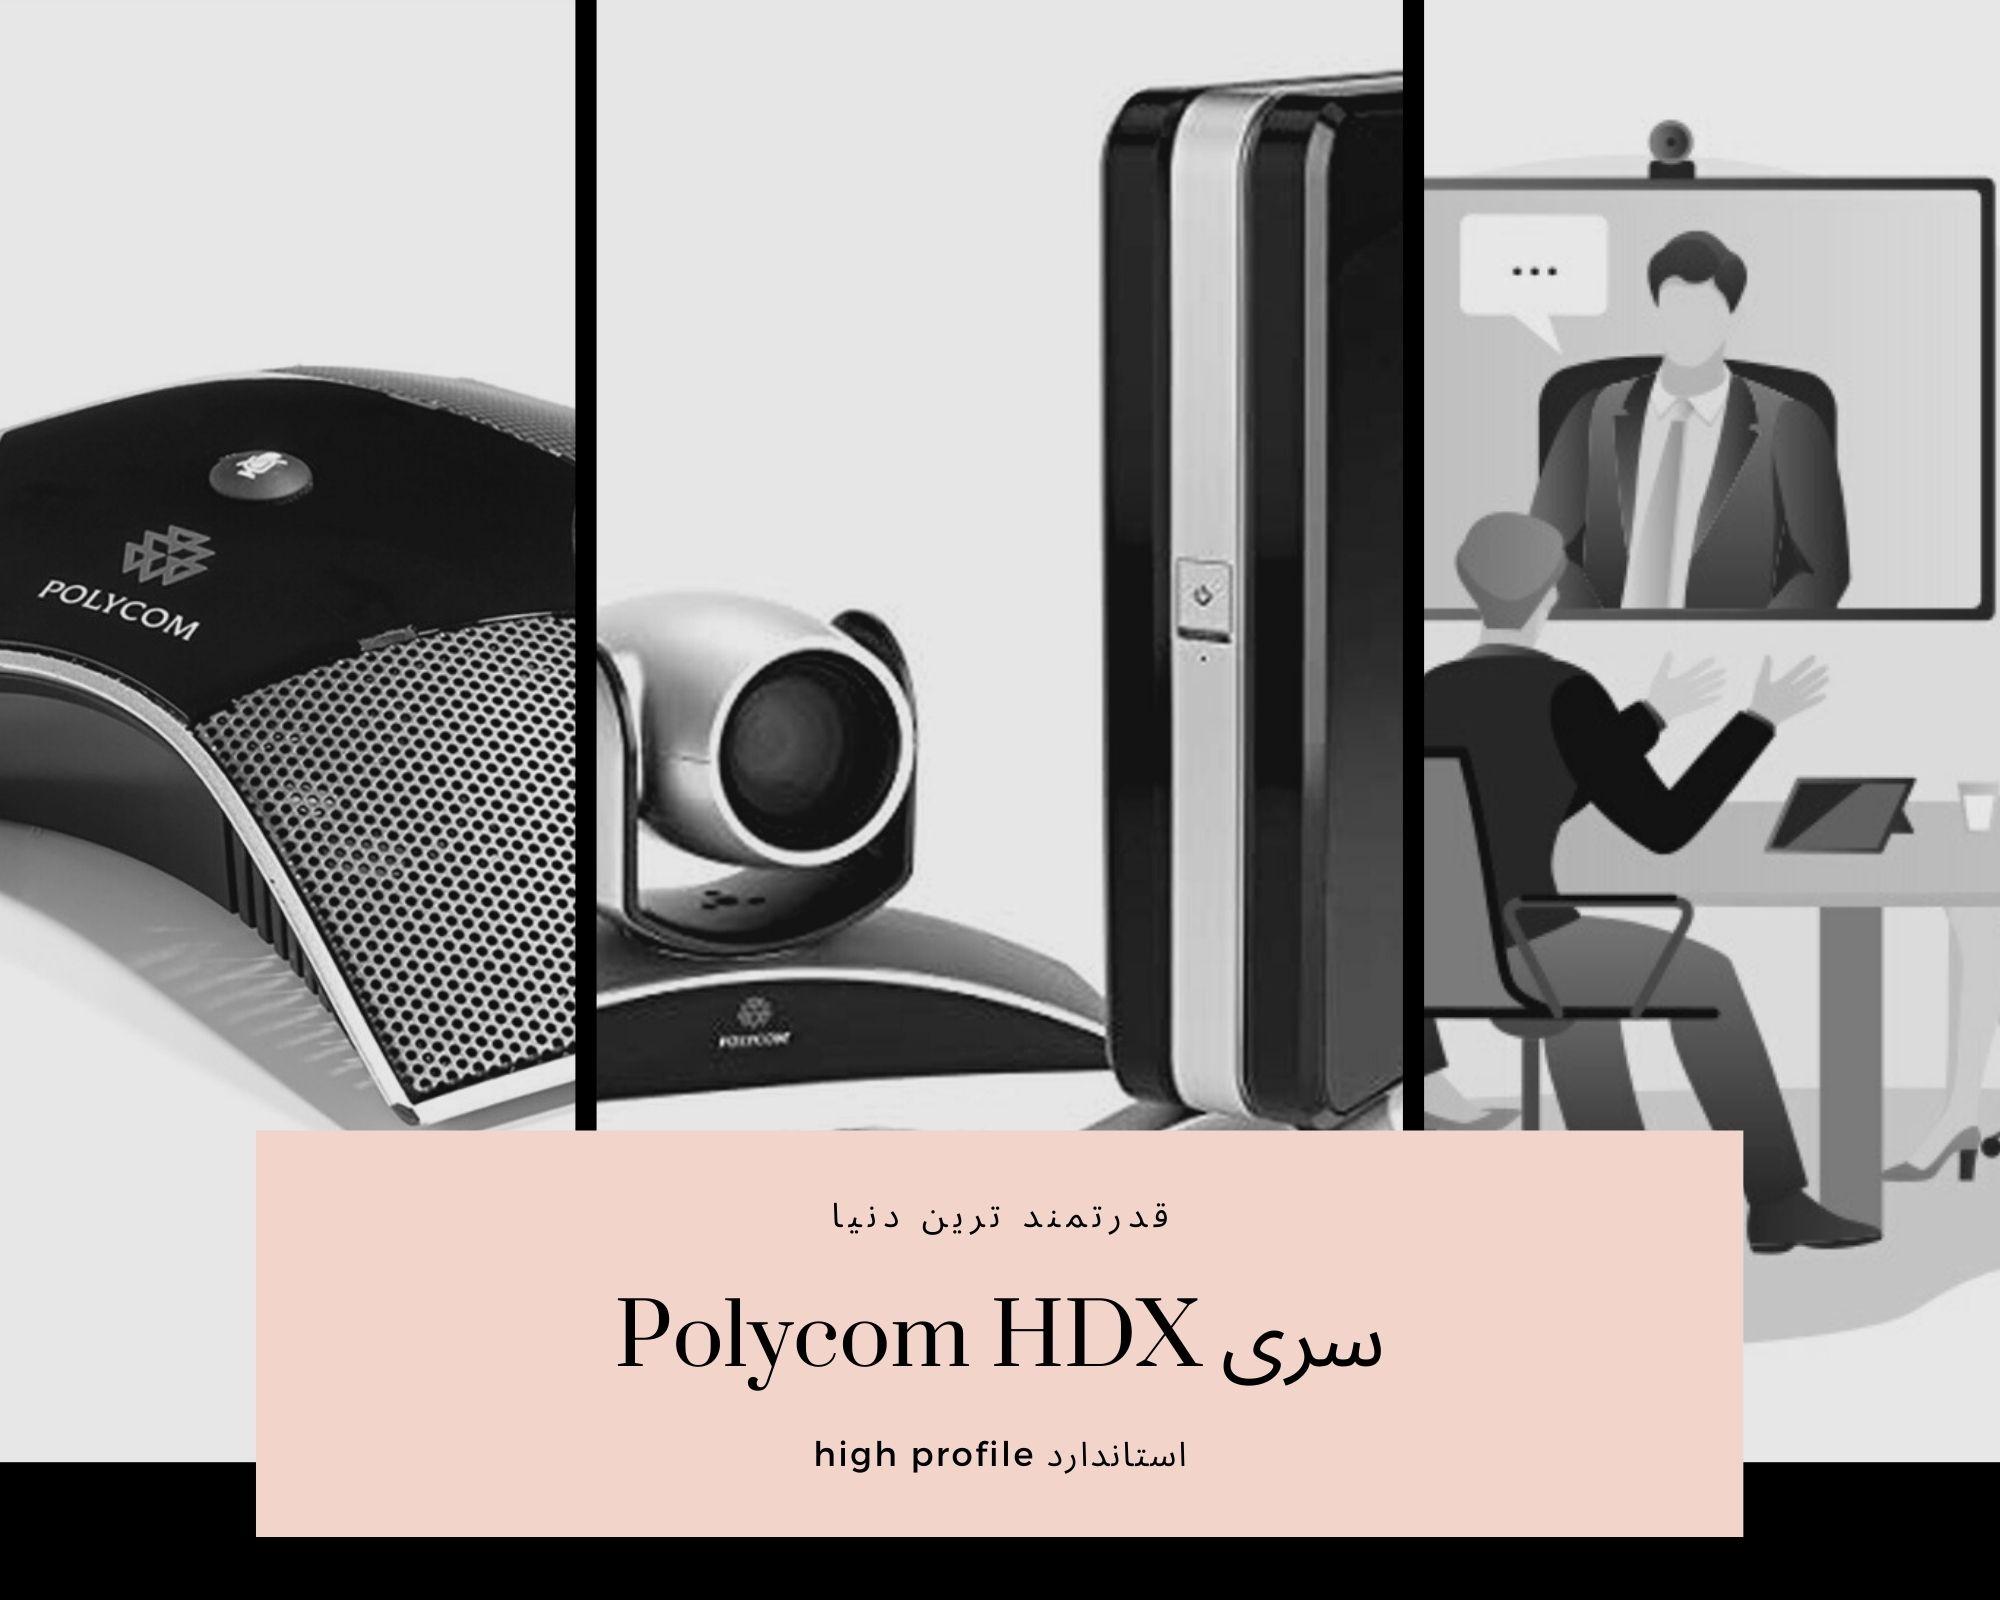 polycom hdx